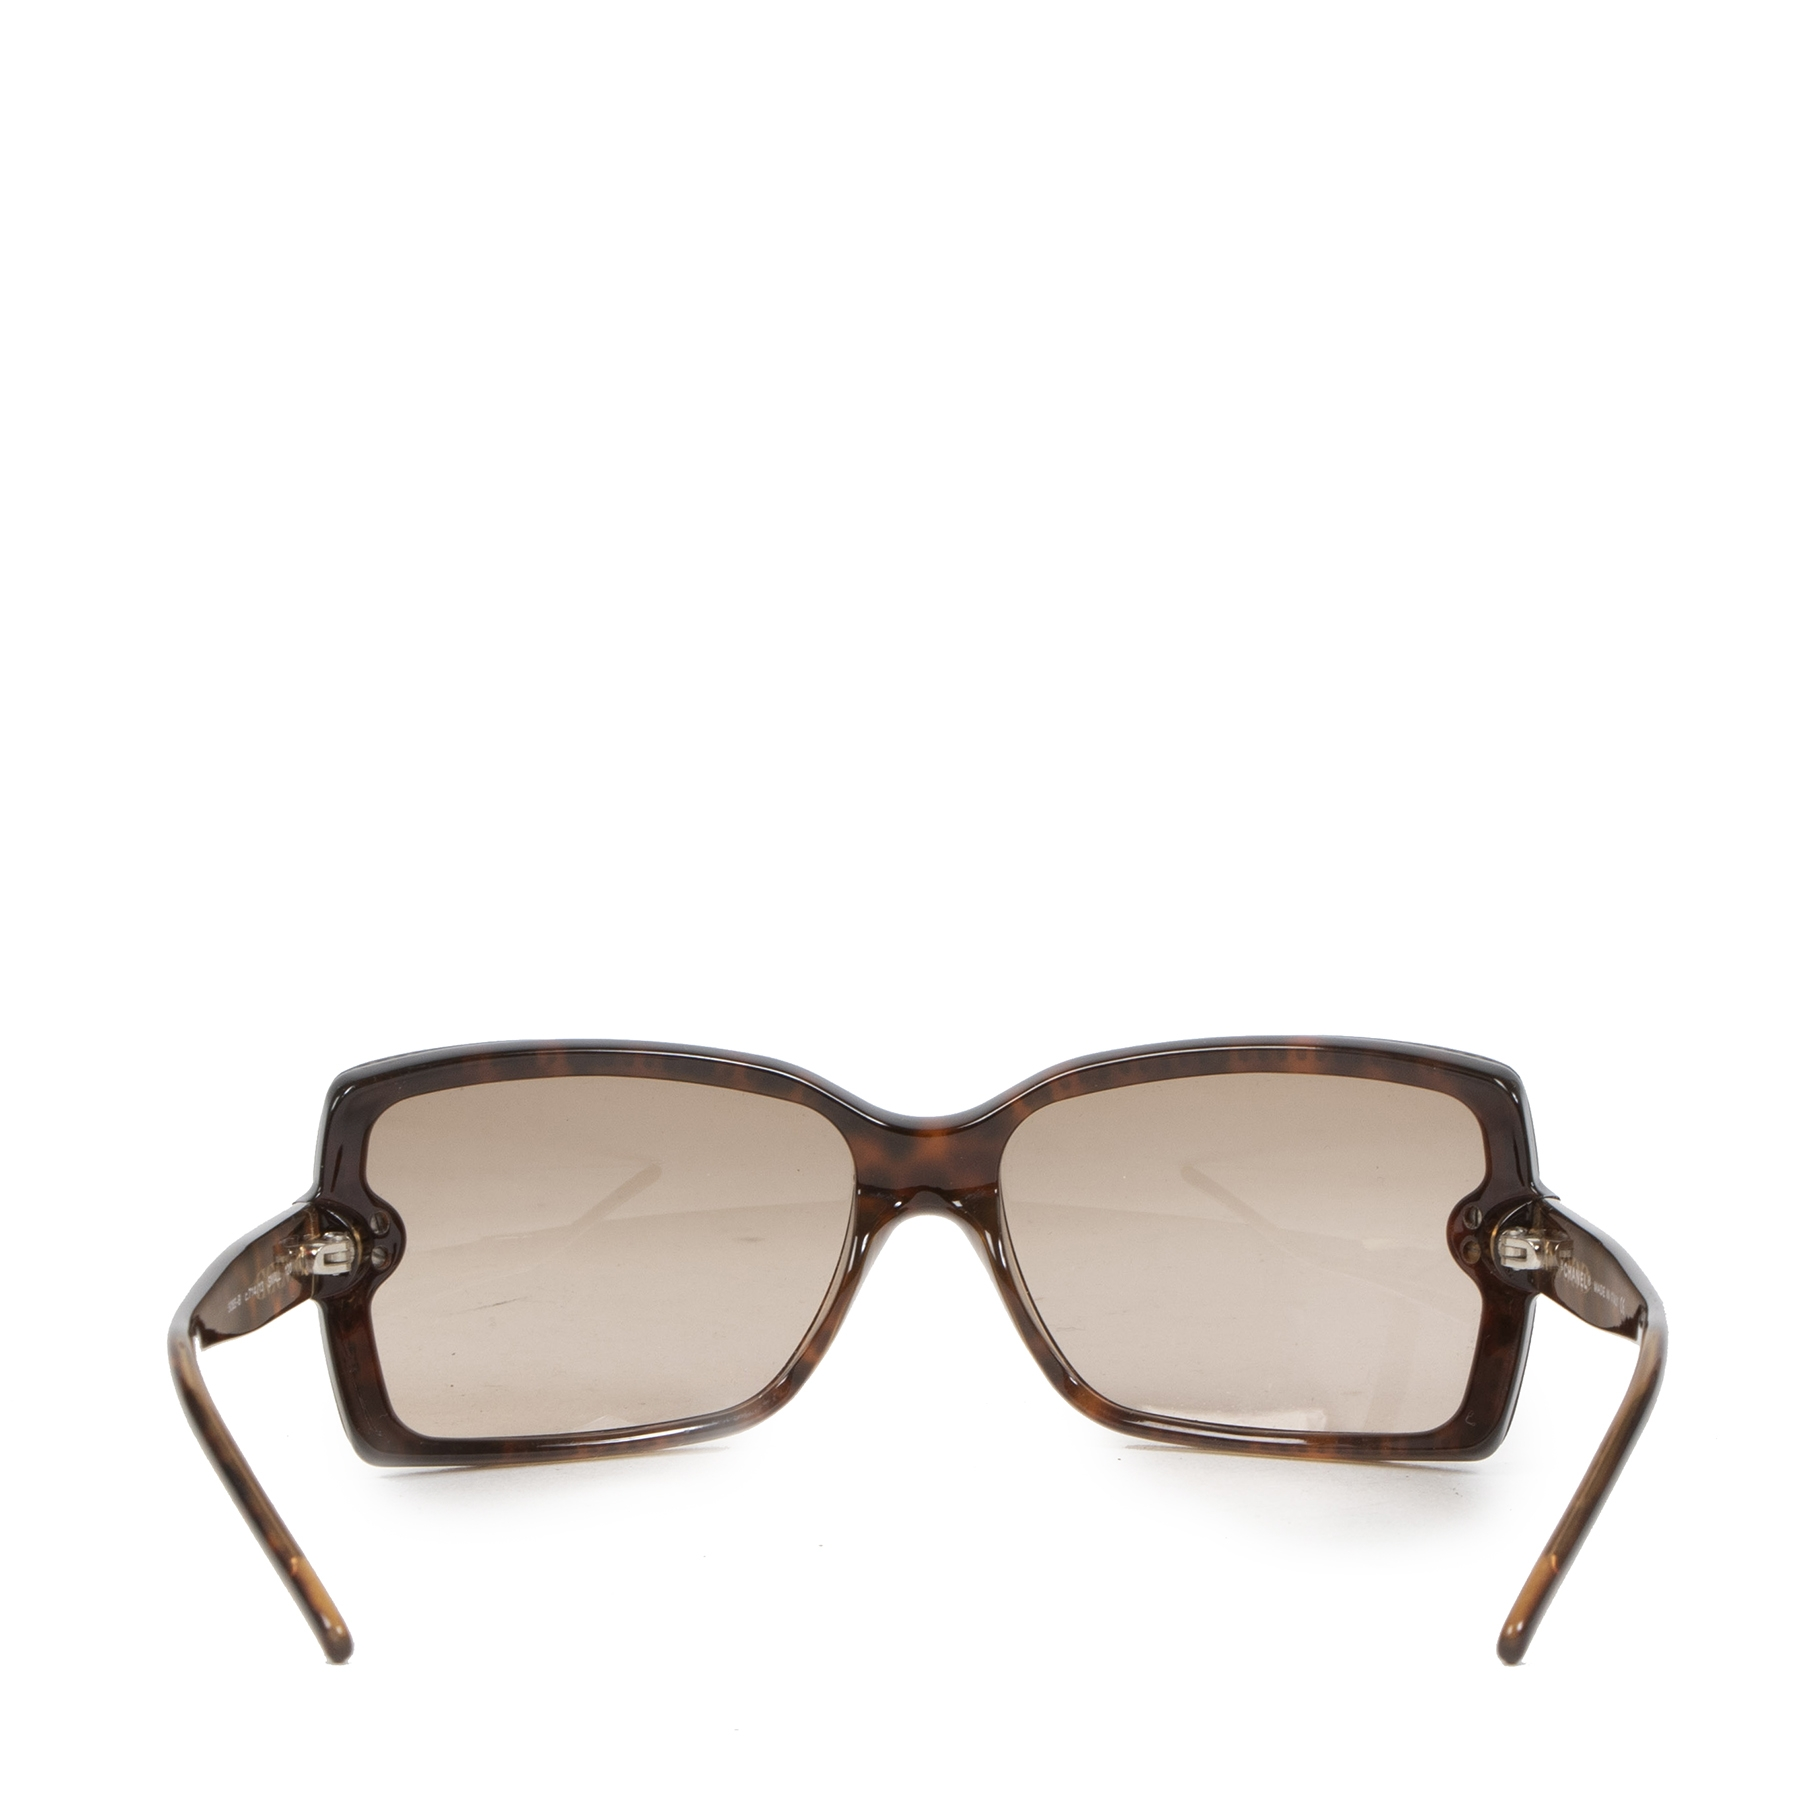 Authentieke Tweedehands Chanel Rhinestone Trim Brown Sunglasses juiste prijs veilig online shoppen luxe merken webshop winkelen Antwerpen België mode fashion